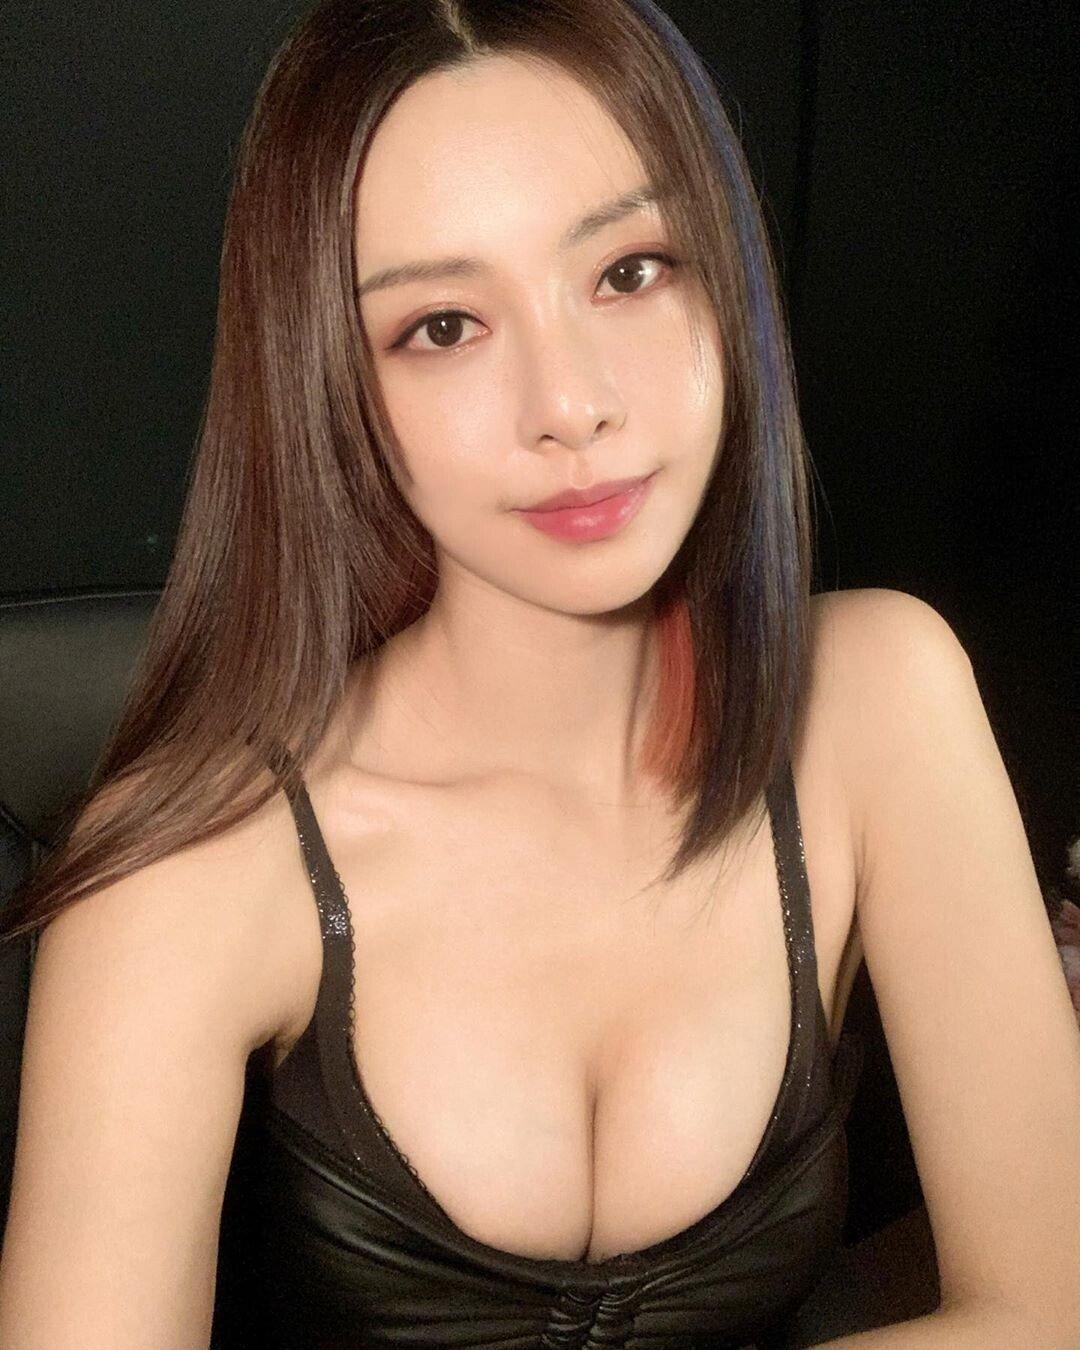 모델 캐서린 리 인스타 - 꾸르